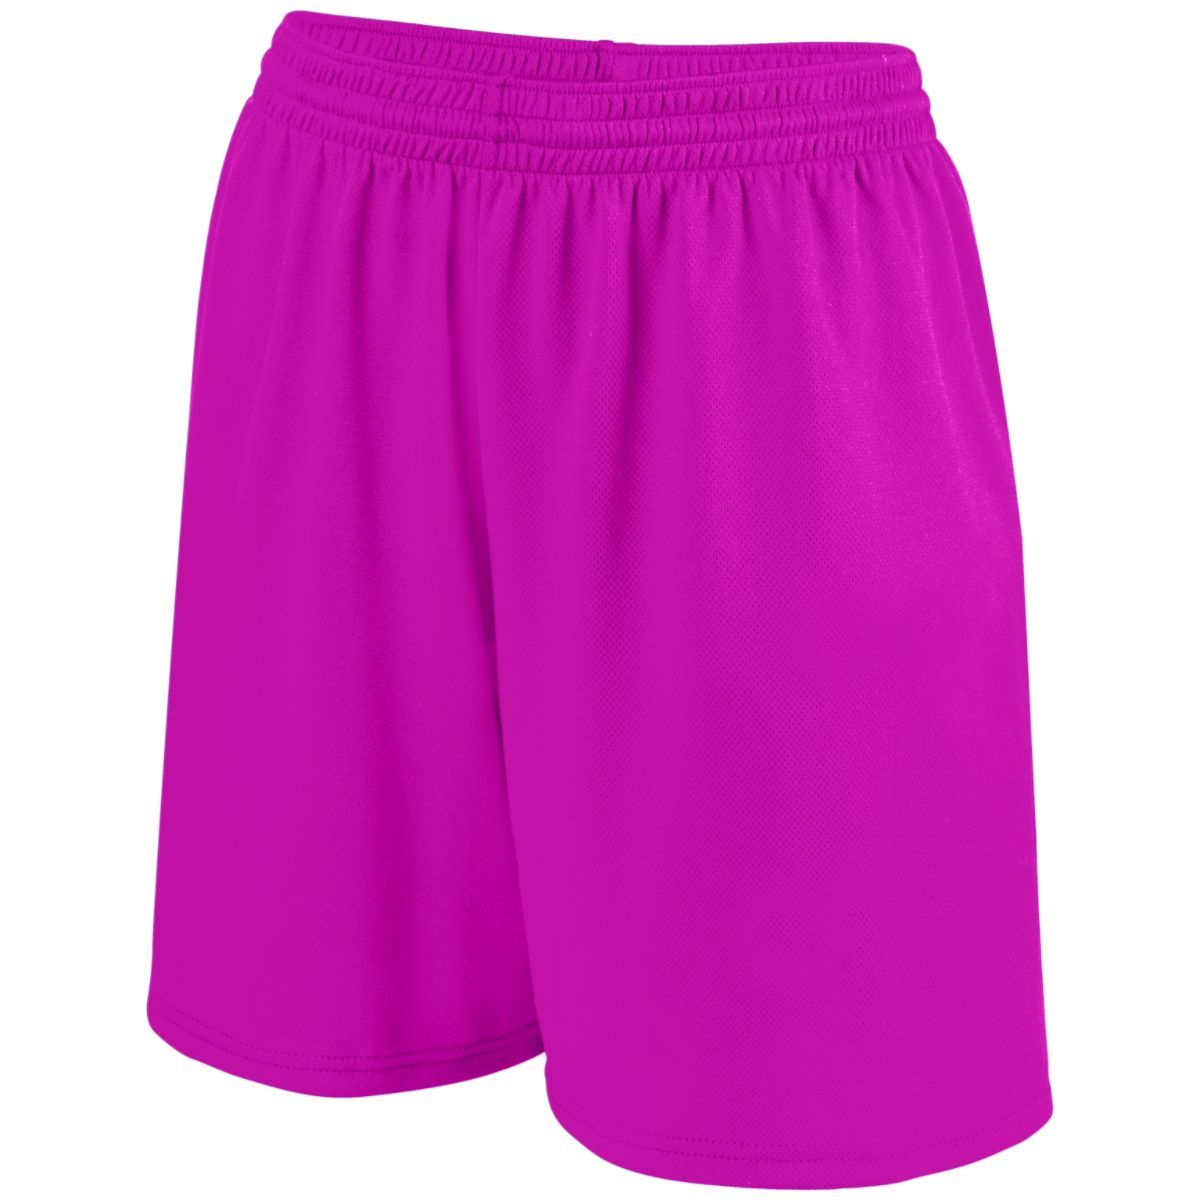 Ladies Shockwave Shorts - POWER PINK/WHITE